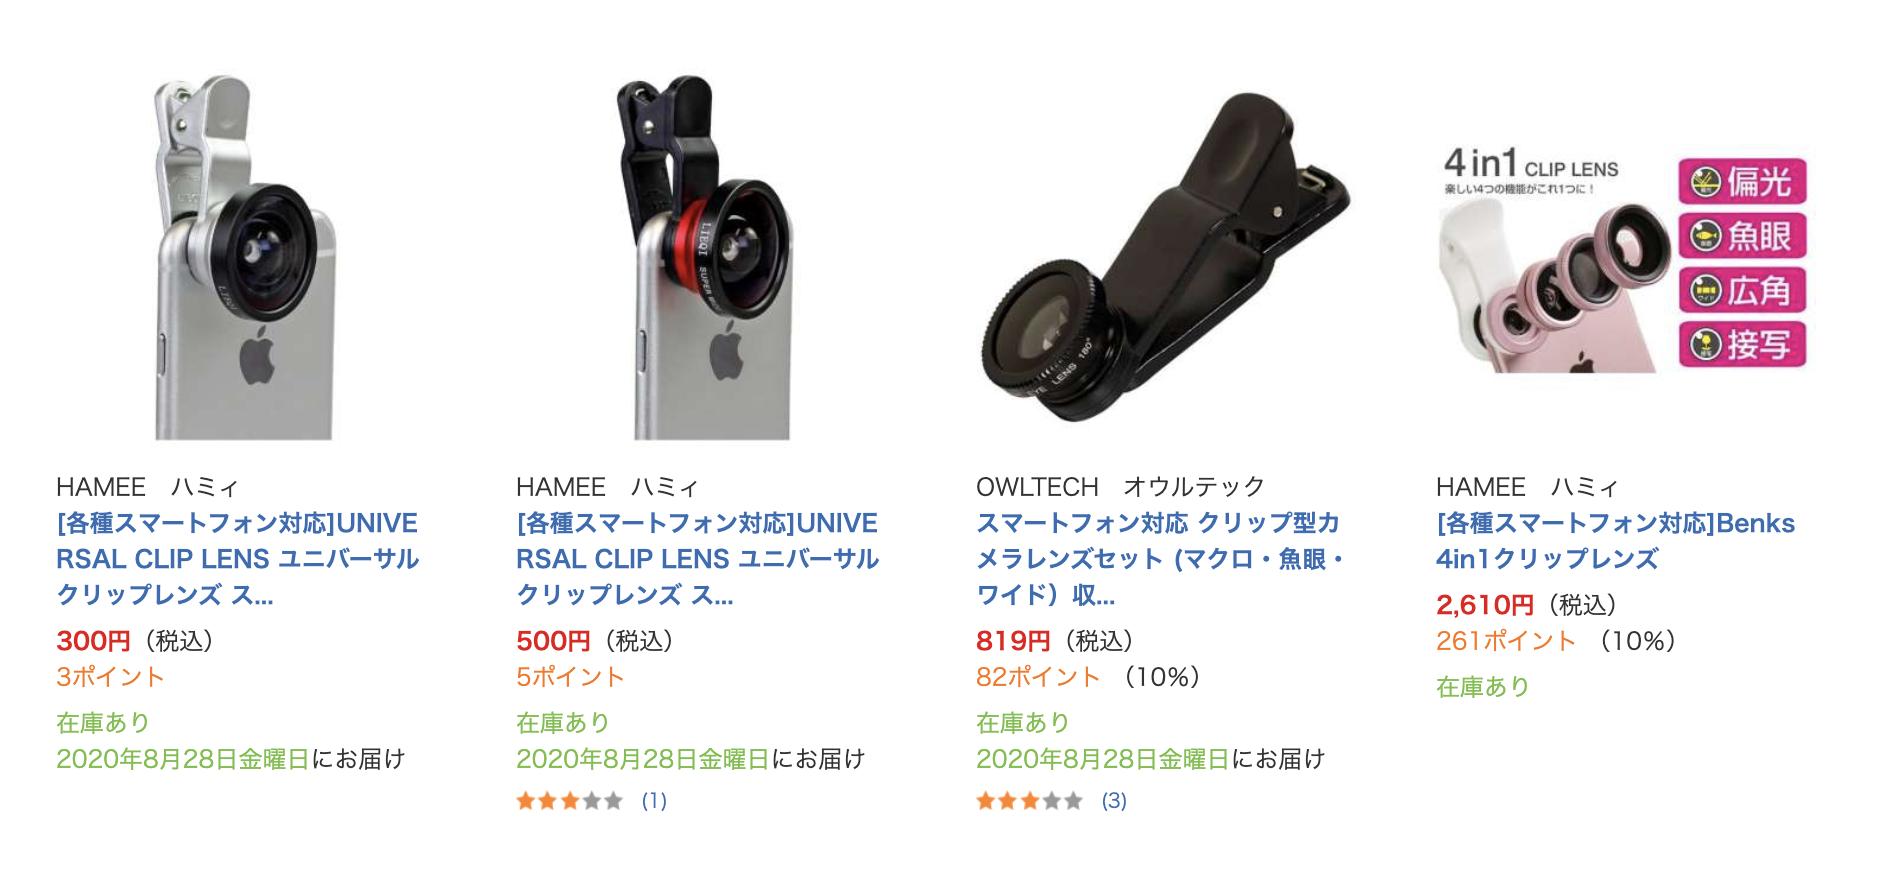 ビックカメラ.comのクリップレンズ販売ページの画像